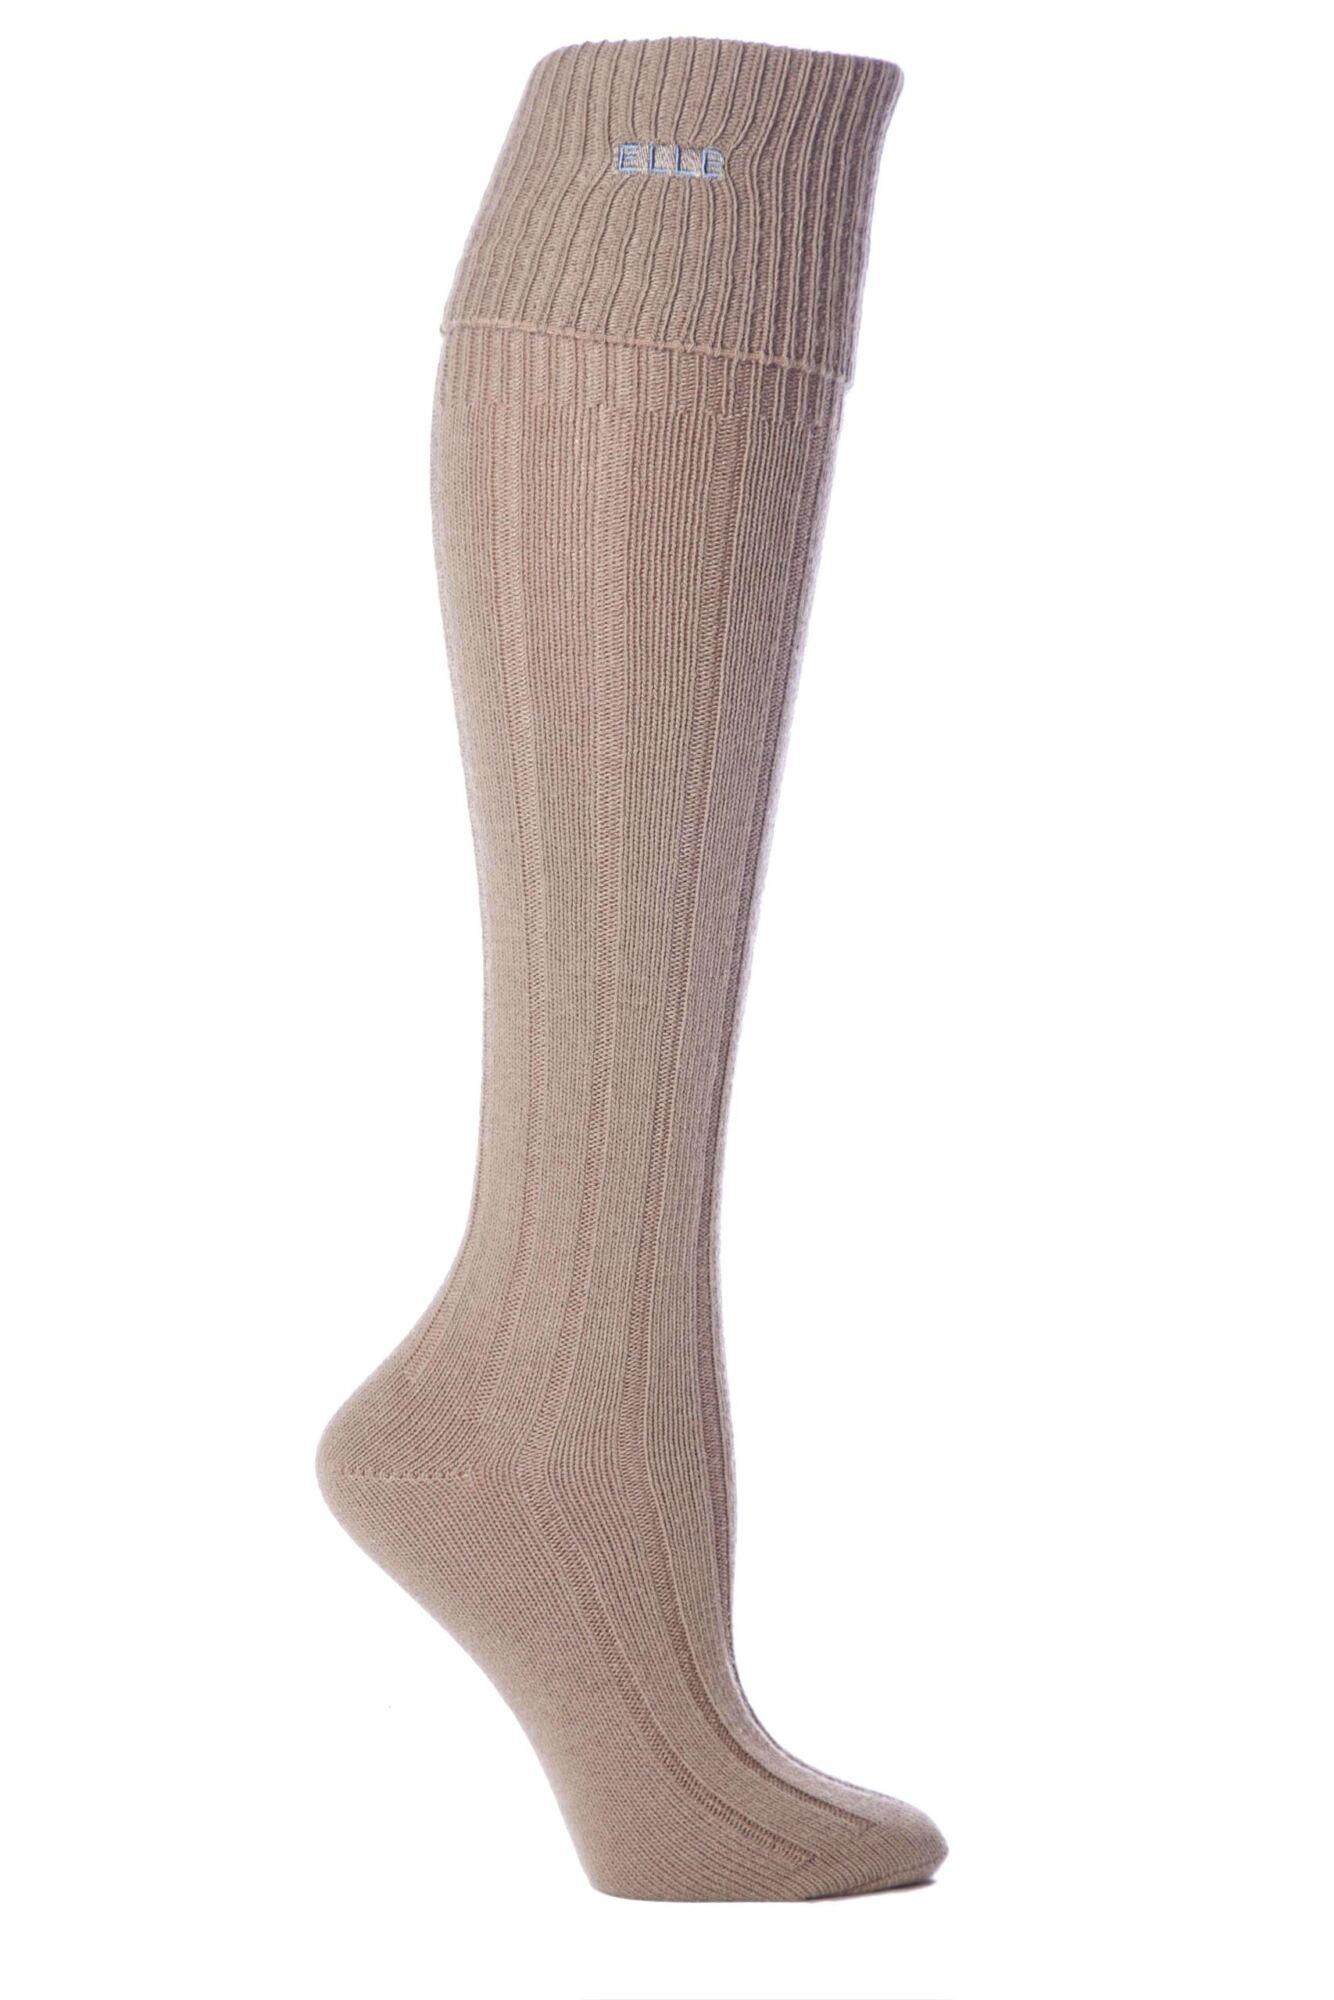 1 Pair Wool Ribbed Knee High Socks with Cuff Ladies - Elle